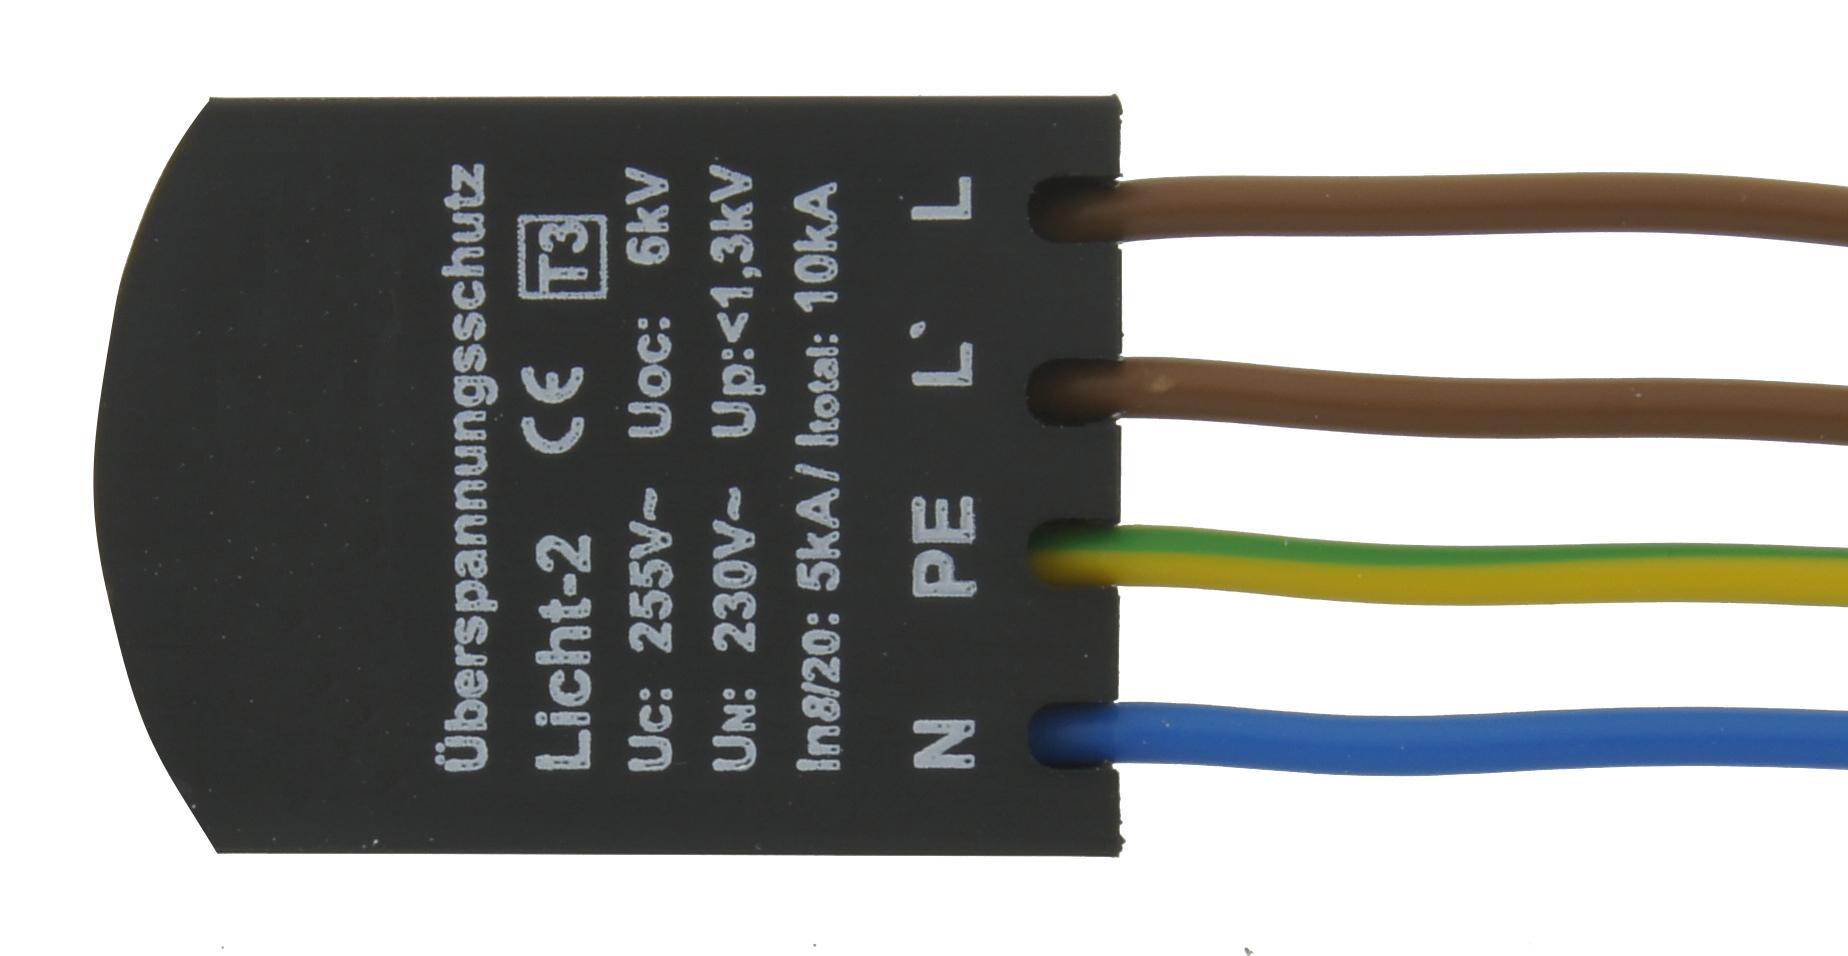 1 Stk Überspannungsschutz 230V mit PE (Schutzleiter) LINZ230001